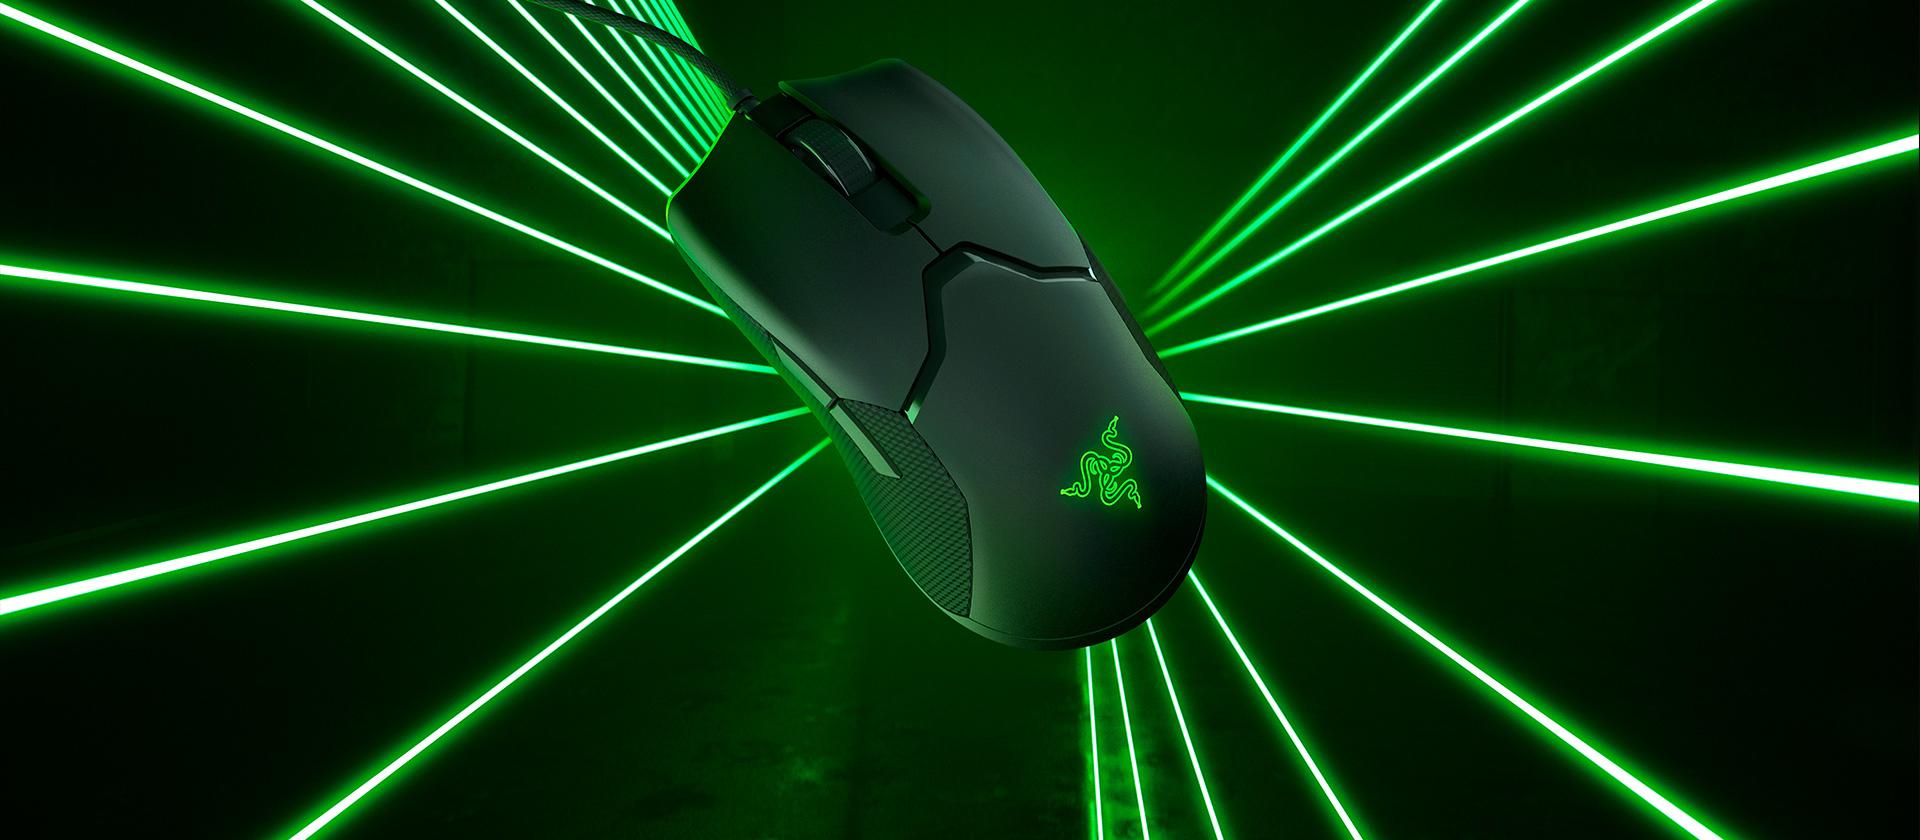 Razer dévoile Viper, sa nouvelle souris gamer plus rapide et précise que jamais